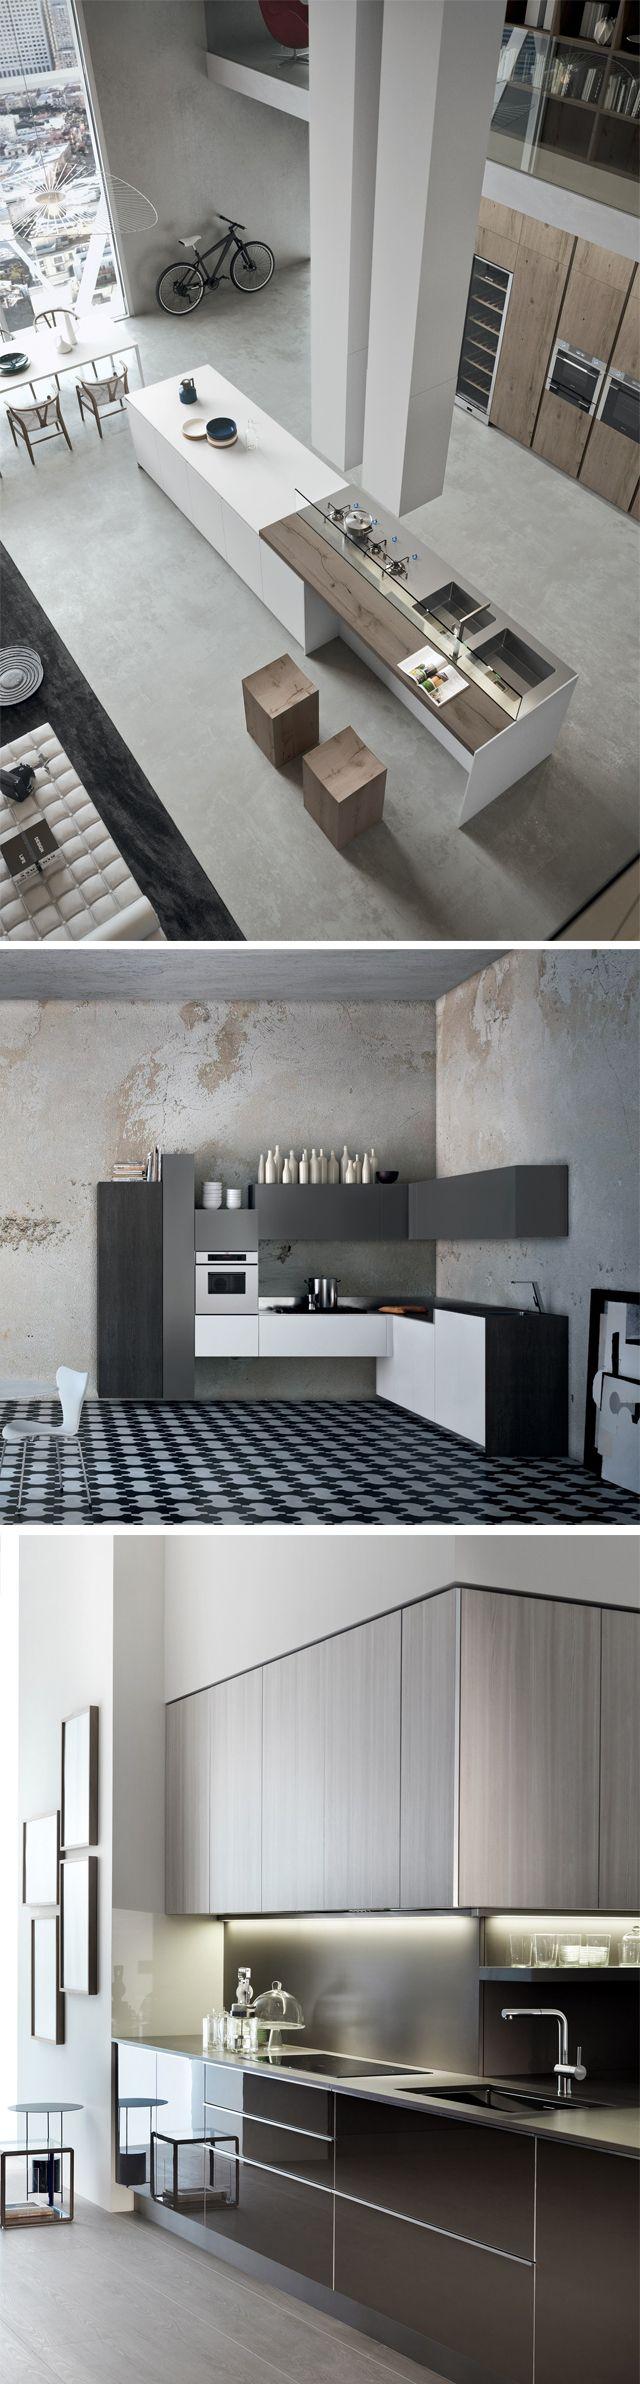 Kleines l küchendesign  best kitchen ideas images on pinterest  kitchen ideas kitchen